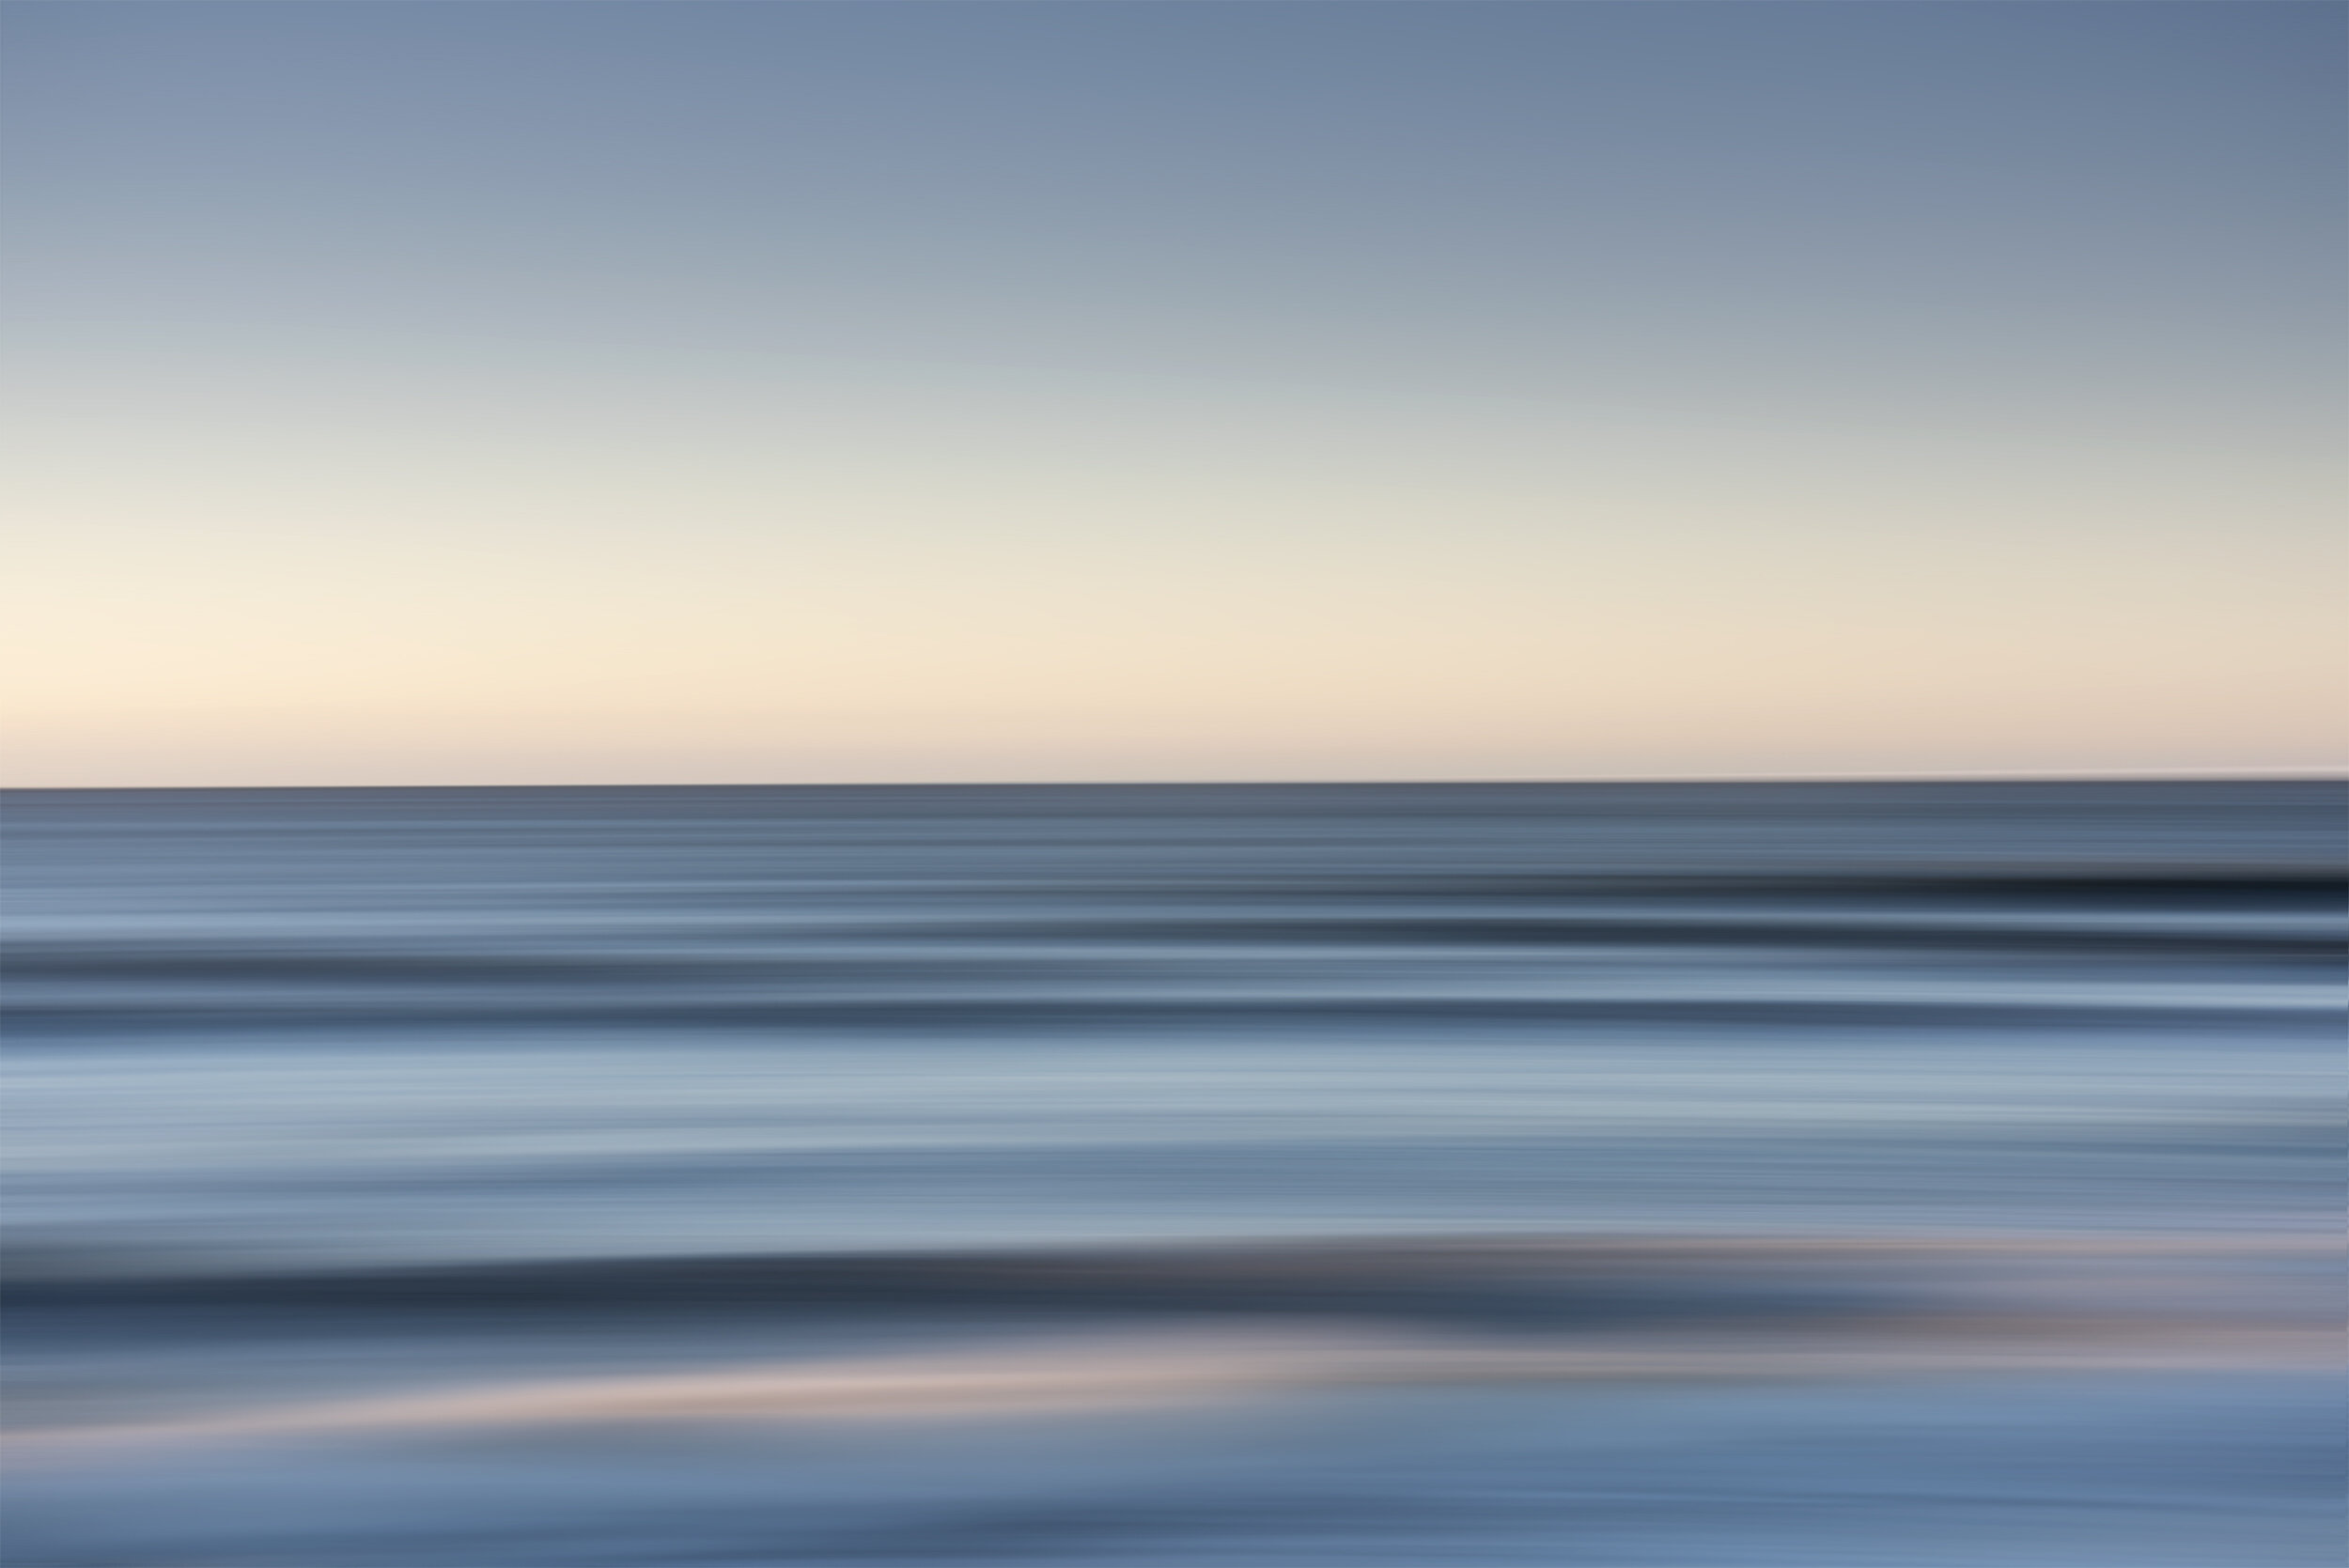 """Folly Beach 89858 - 40"""" x 60"""" $4000 32"""" x 48"""" $3500 26"""" x 40"""" $3000"""